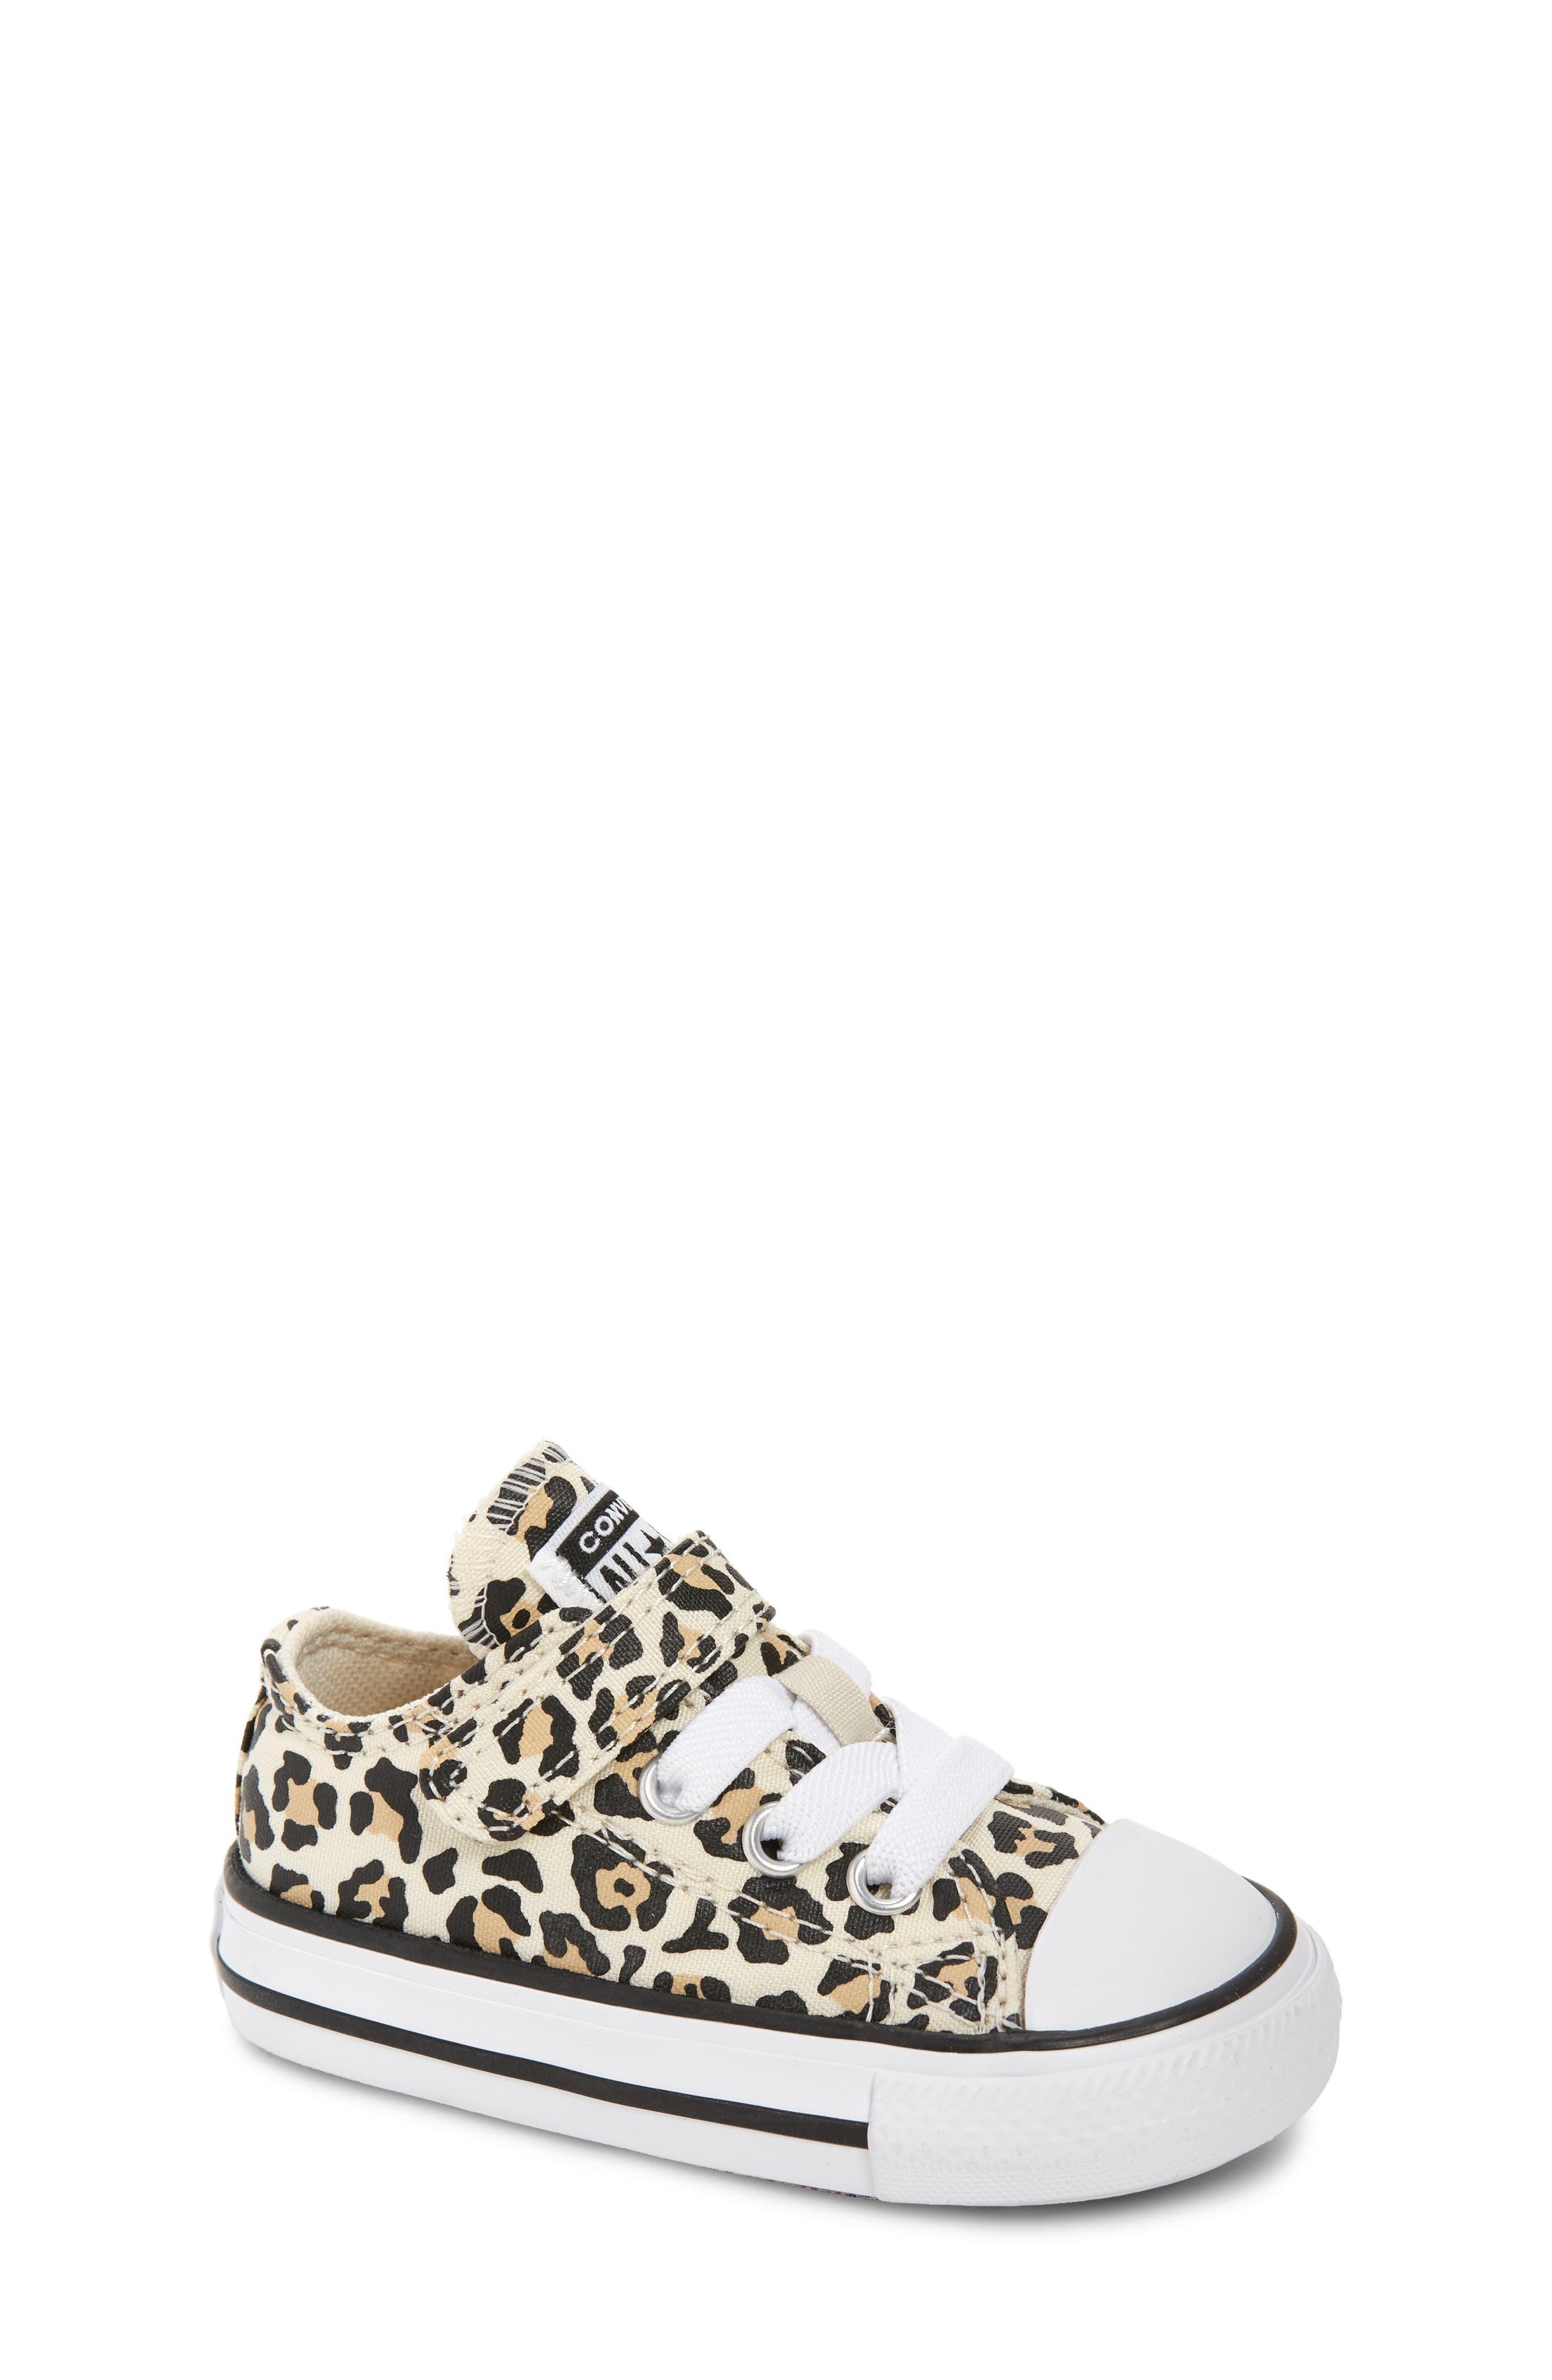 Converse | Leopard Spot Low Top Sneaker